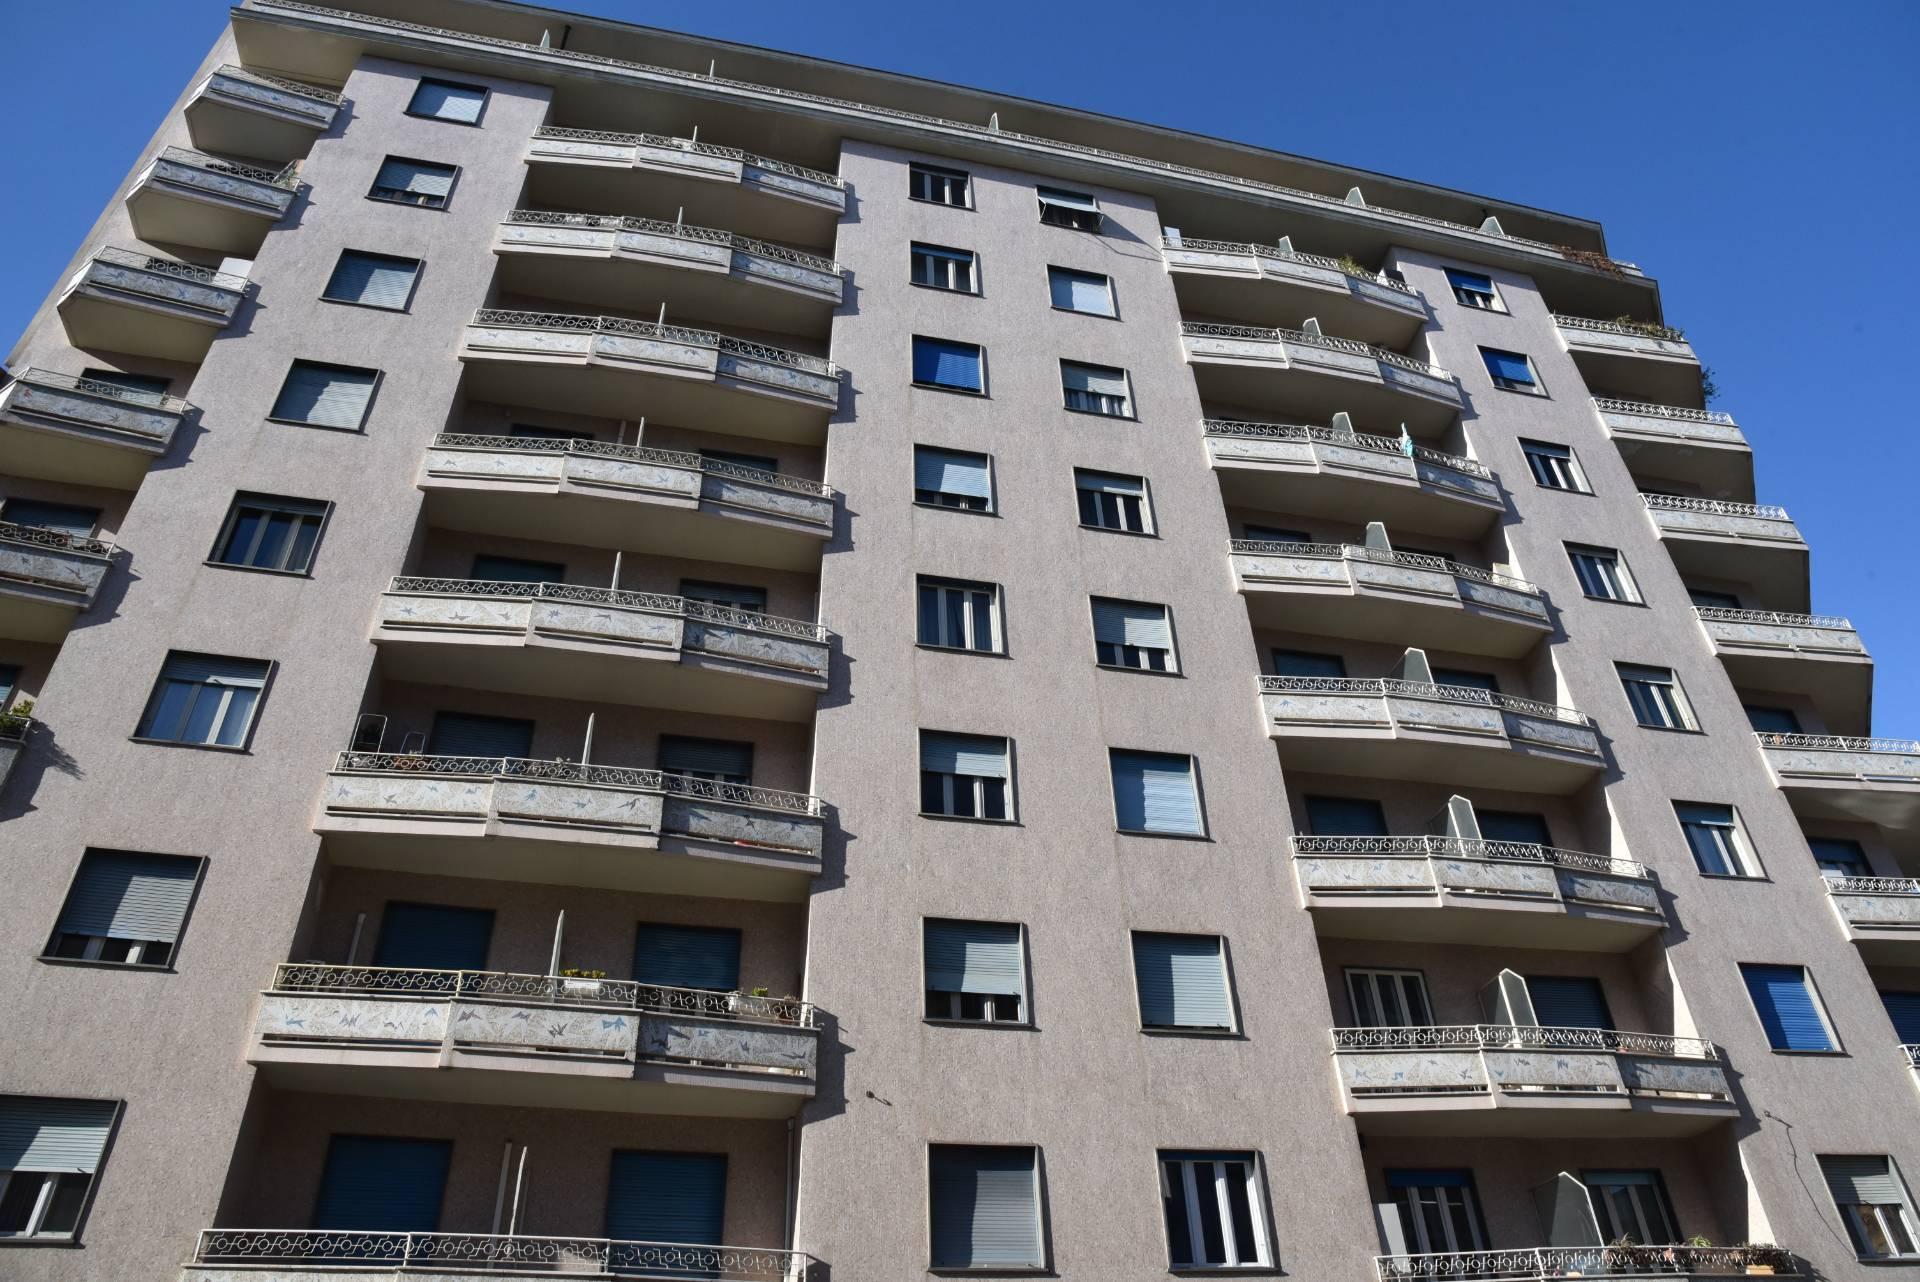 APPARTAMENTO in Affitto a Nizza Millefonti, Torino (TORINO)